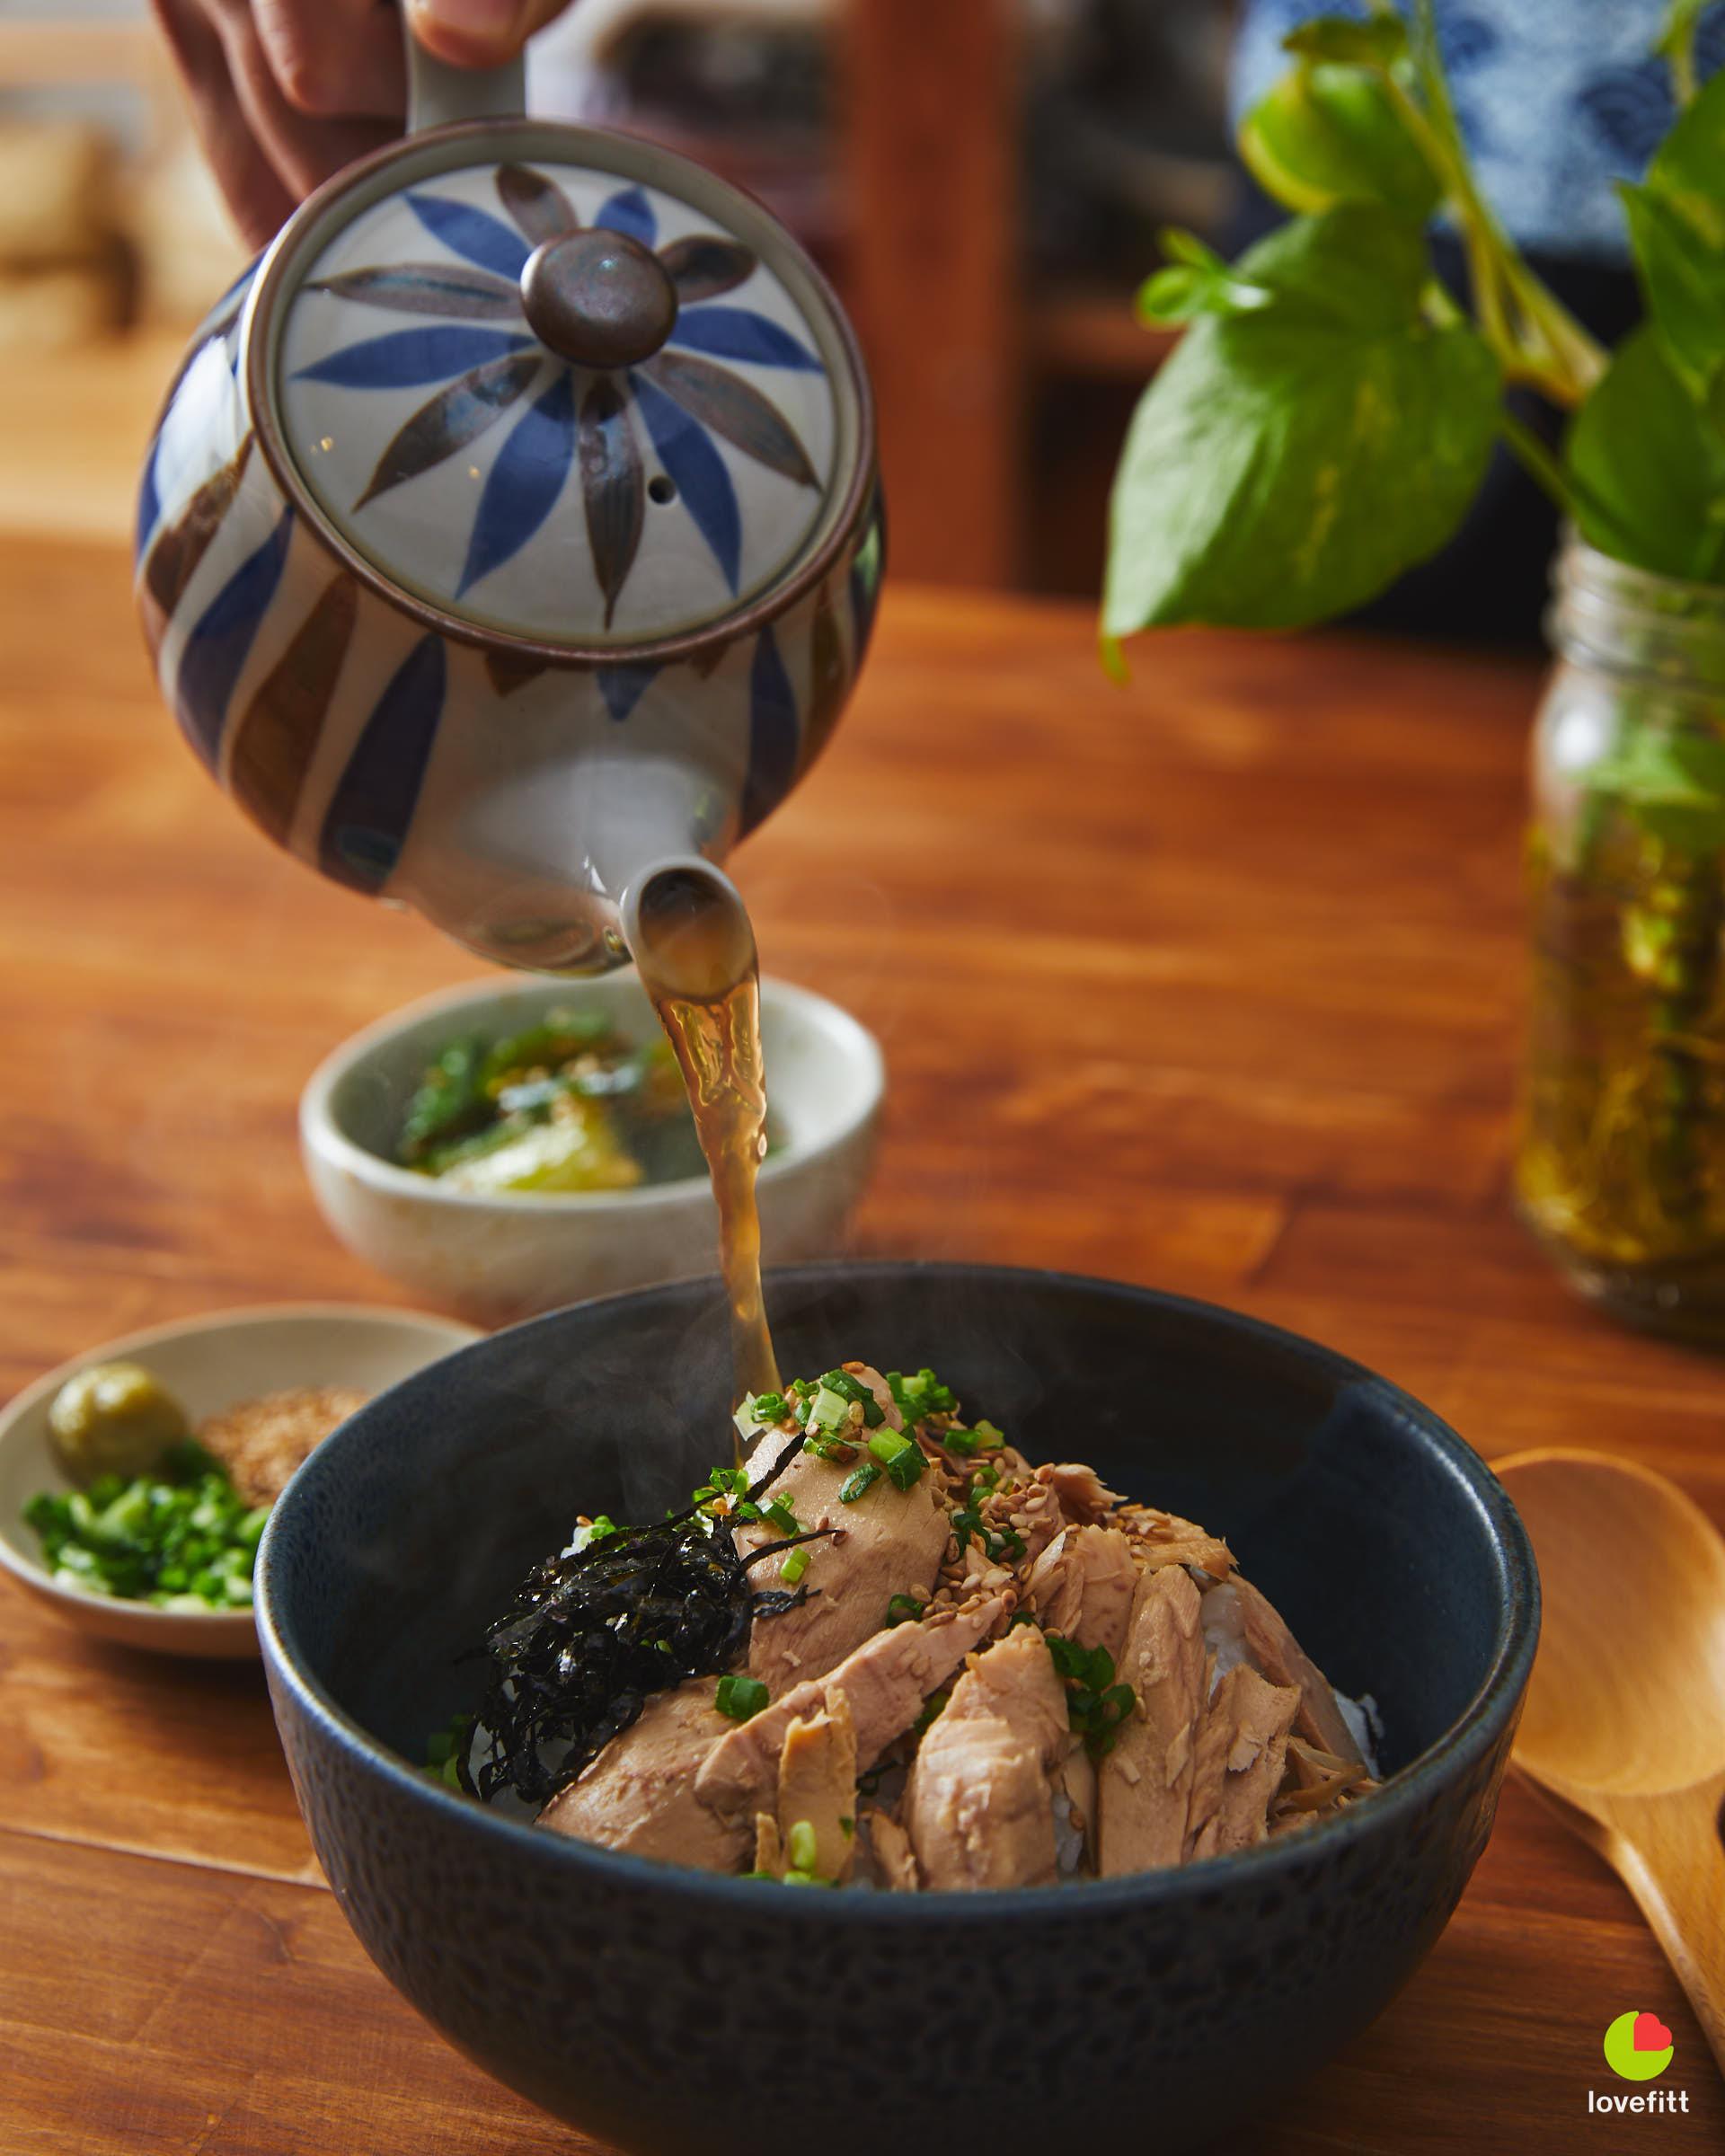 เทน้ำซุปญี่ปุ่น จาก SEALECT ทูน่าชิ้นใหญ่ จากกาน้ำชา